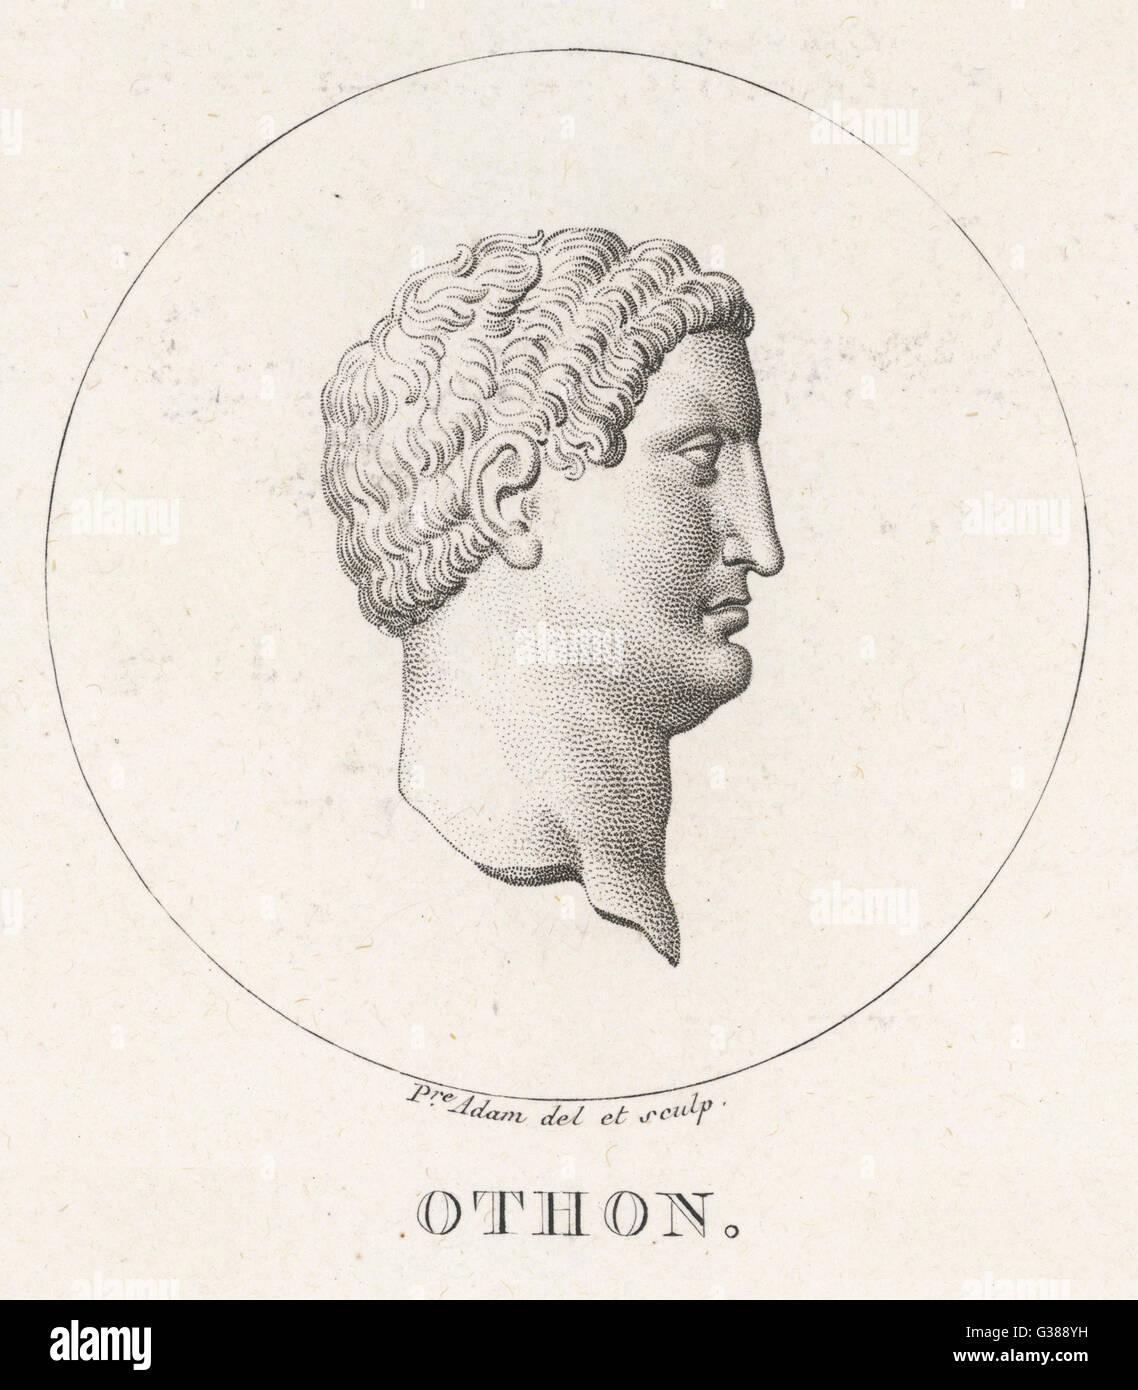 Marcus Salvius OTHO römischer Kaiser Selbstmord Datum: 32-69 Stockbild